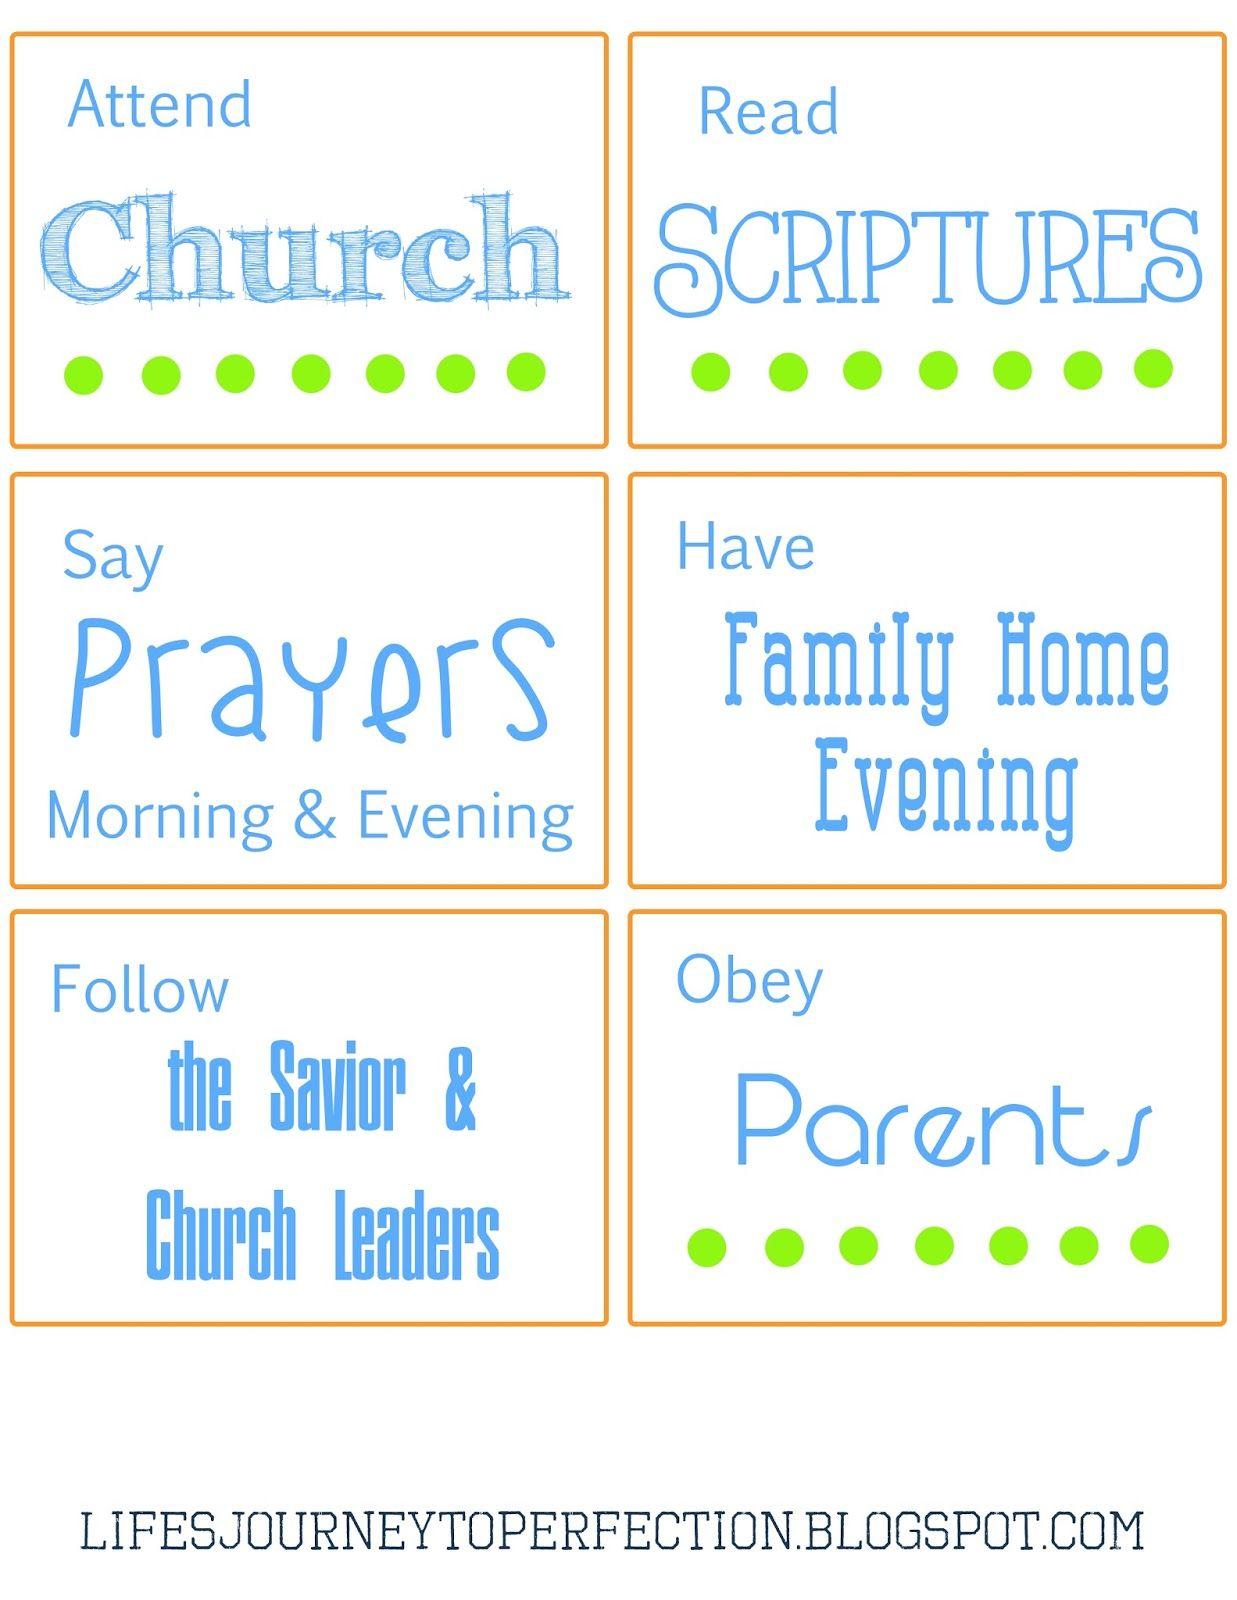 15 Family Home Evening Ideas to Help Prepare for LDS Bapstim | Craft ...